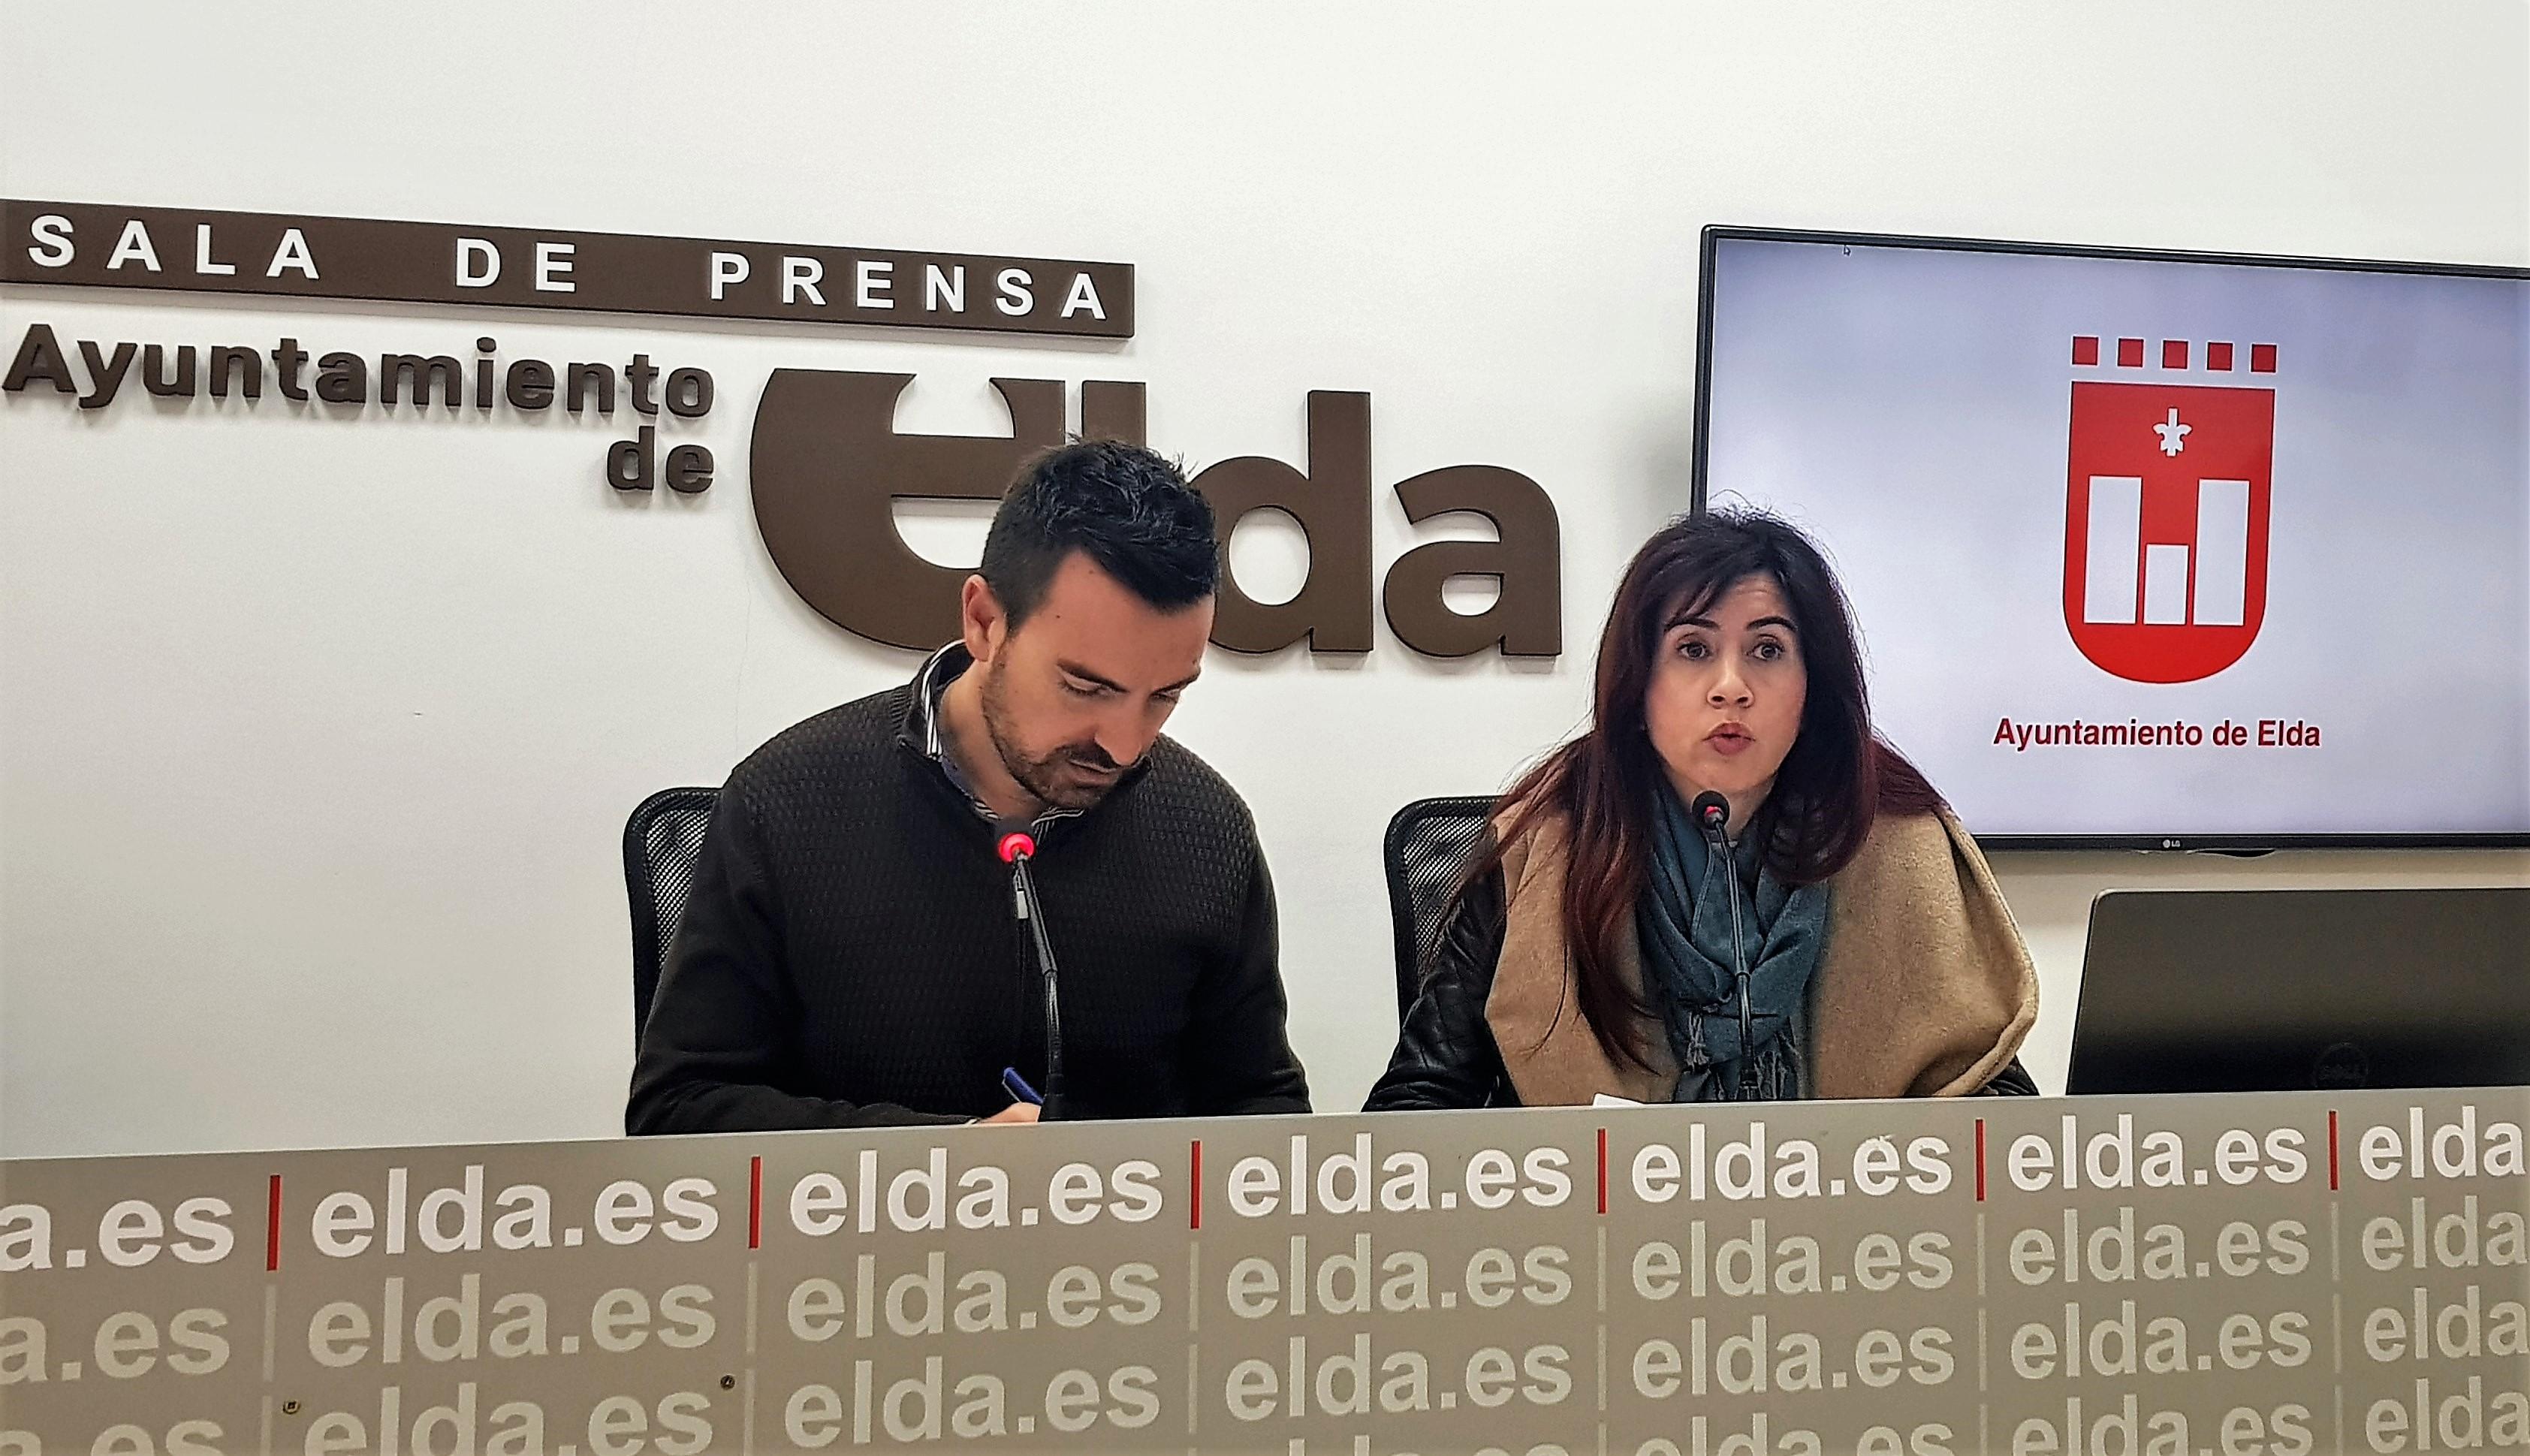 El Ayuntamiento de Elda concede 100 becas de 200 euros cada una para transporte universitario